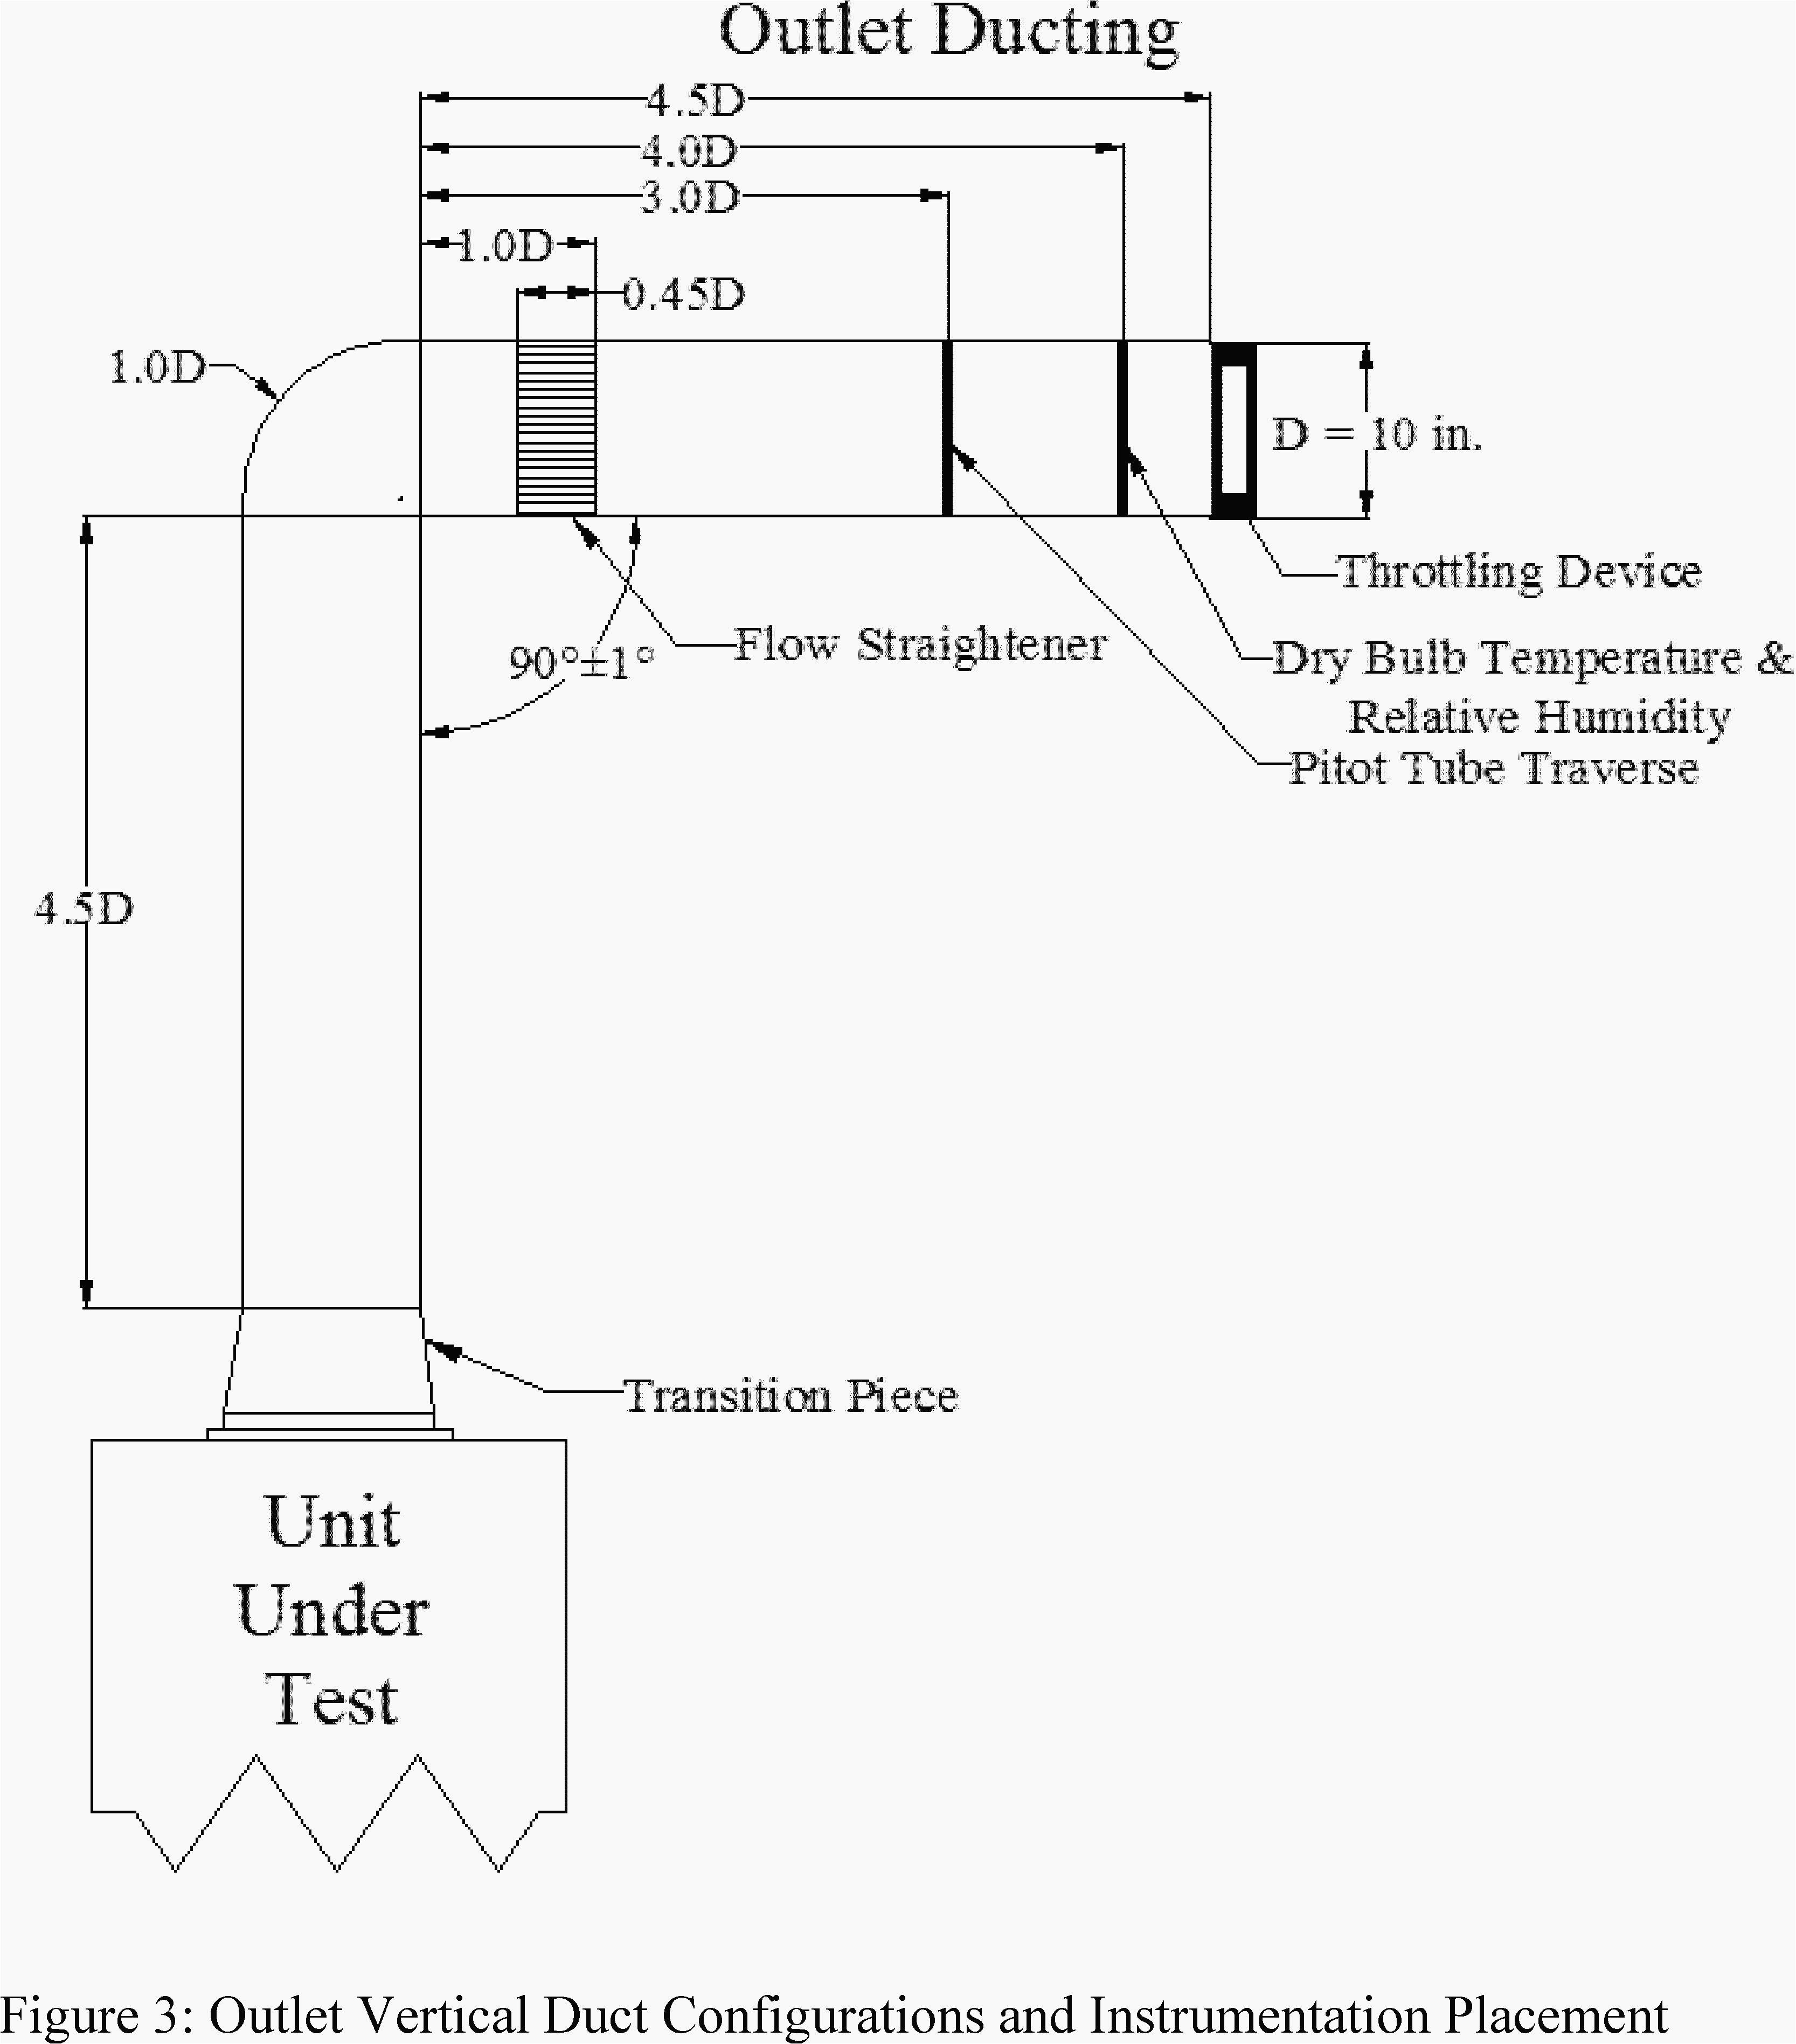 dewalt wiring schematics wiring diagram meta wiring diagram de walt dw306